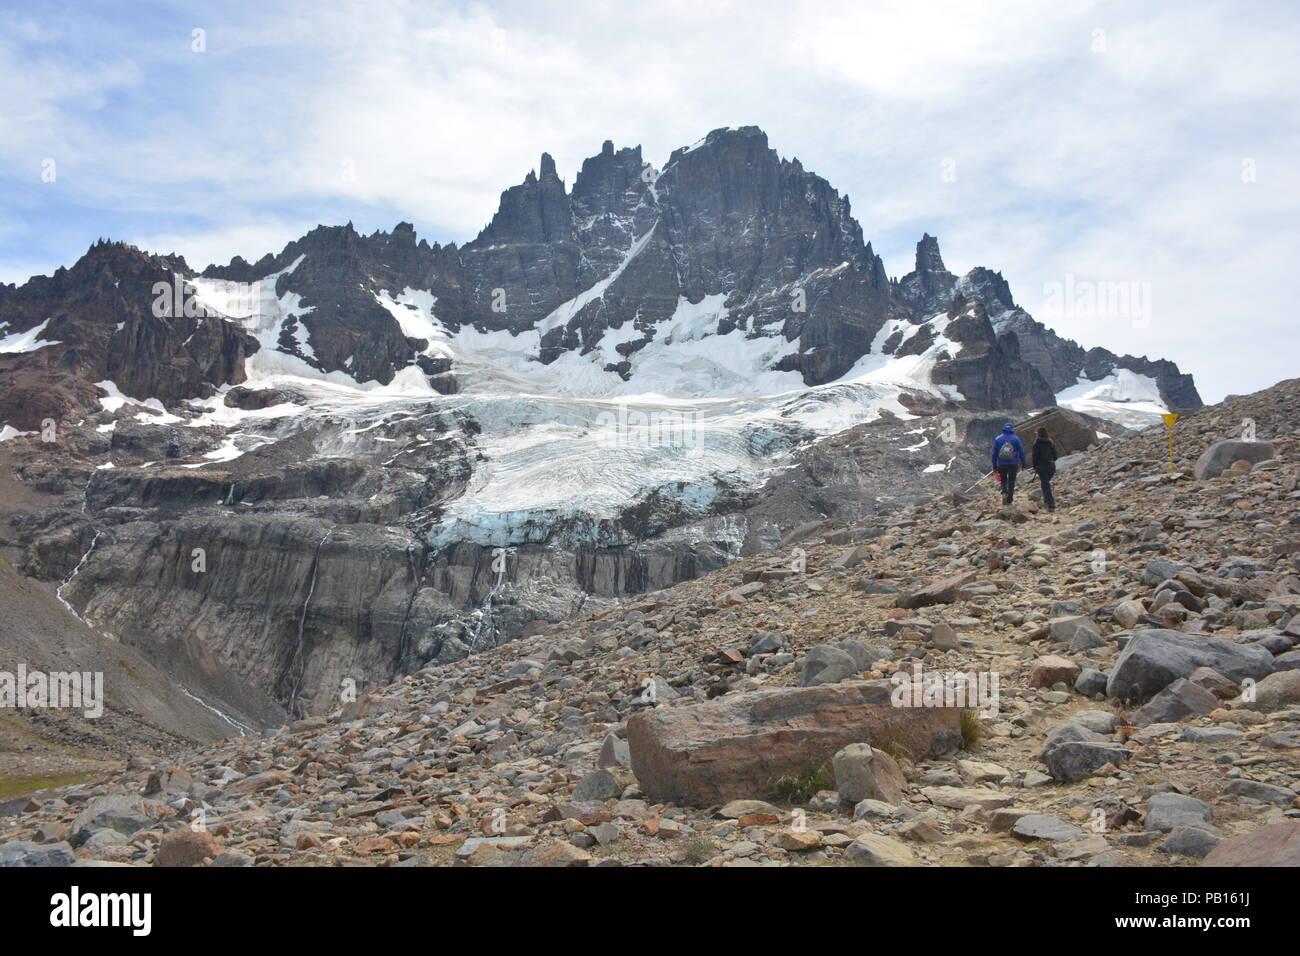 Cerro Castillo, Patagonia, Carretera Austral, Chile - Stock Image